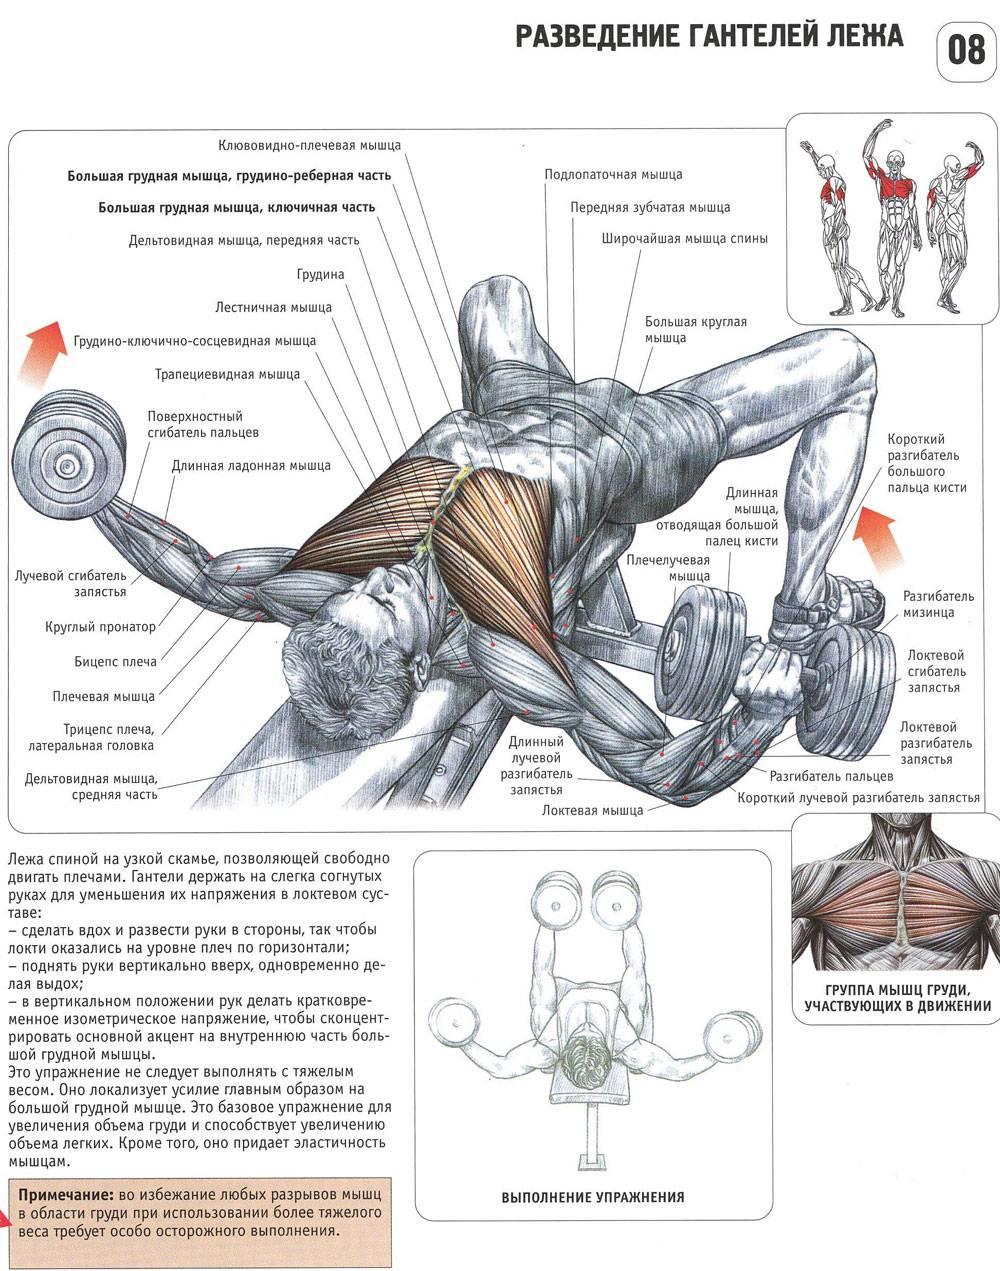 Программа для полноценной проработки грудных мышц – зожник  программа для полноценной проработки грудных мышц – зожник